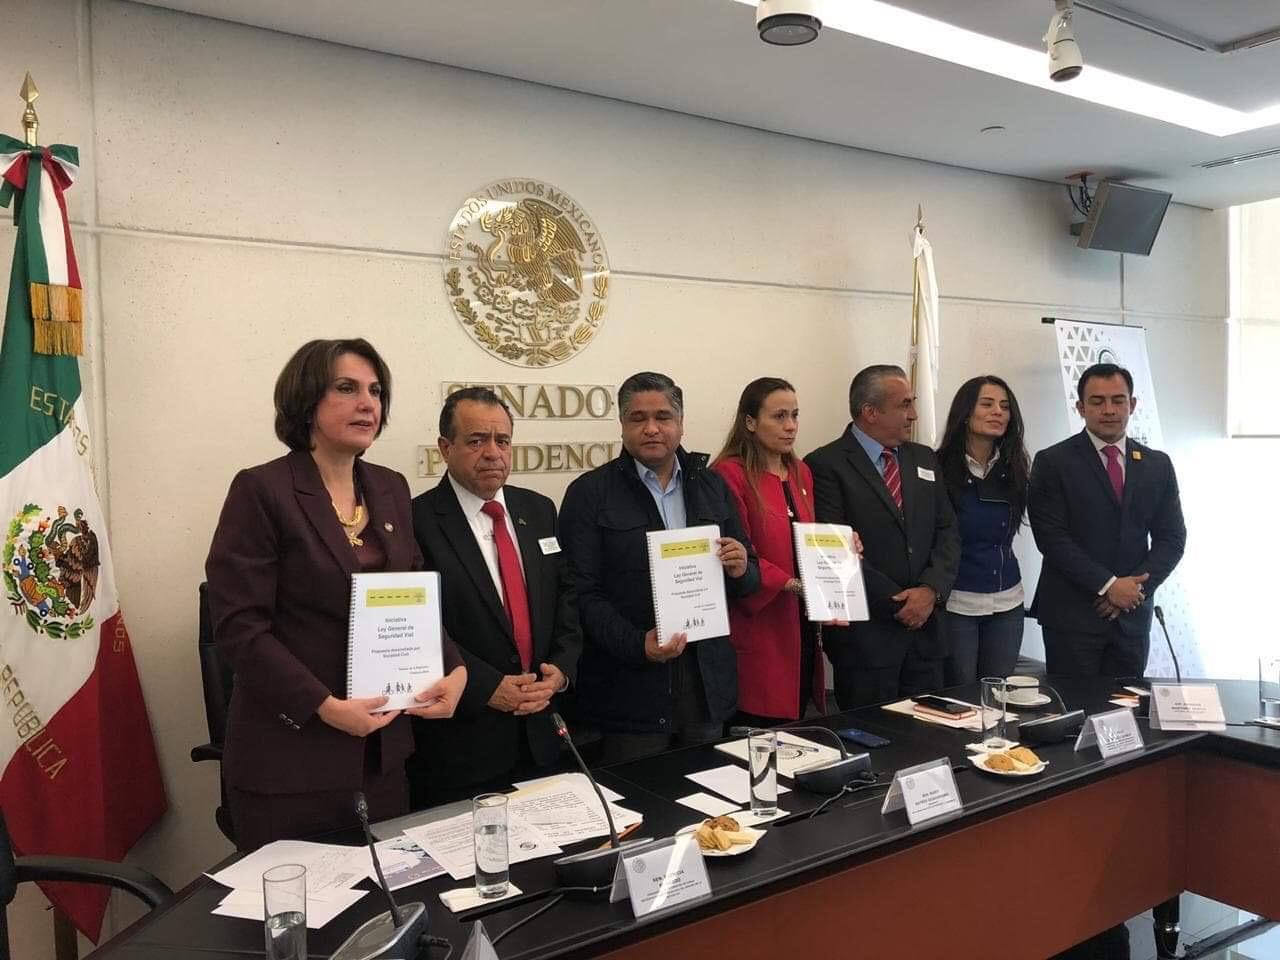 Sociedad civil presenta propuesta de Ley General de Seguridad Vial